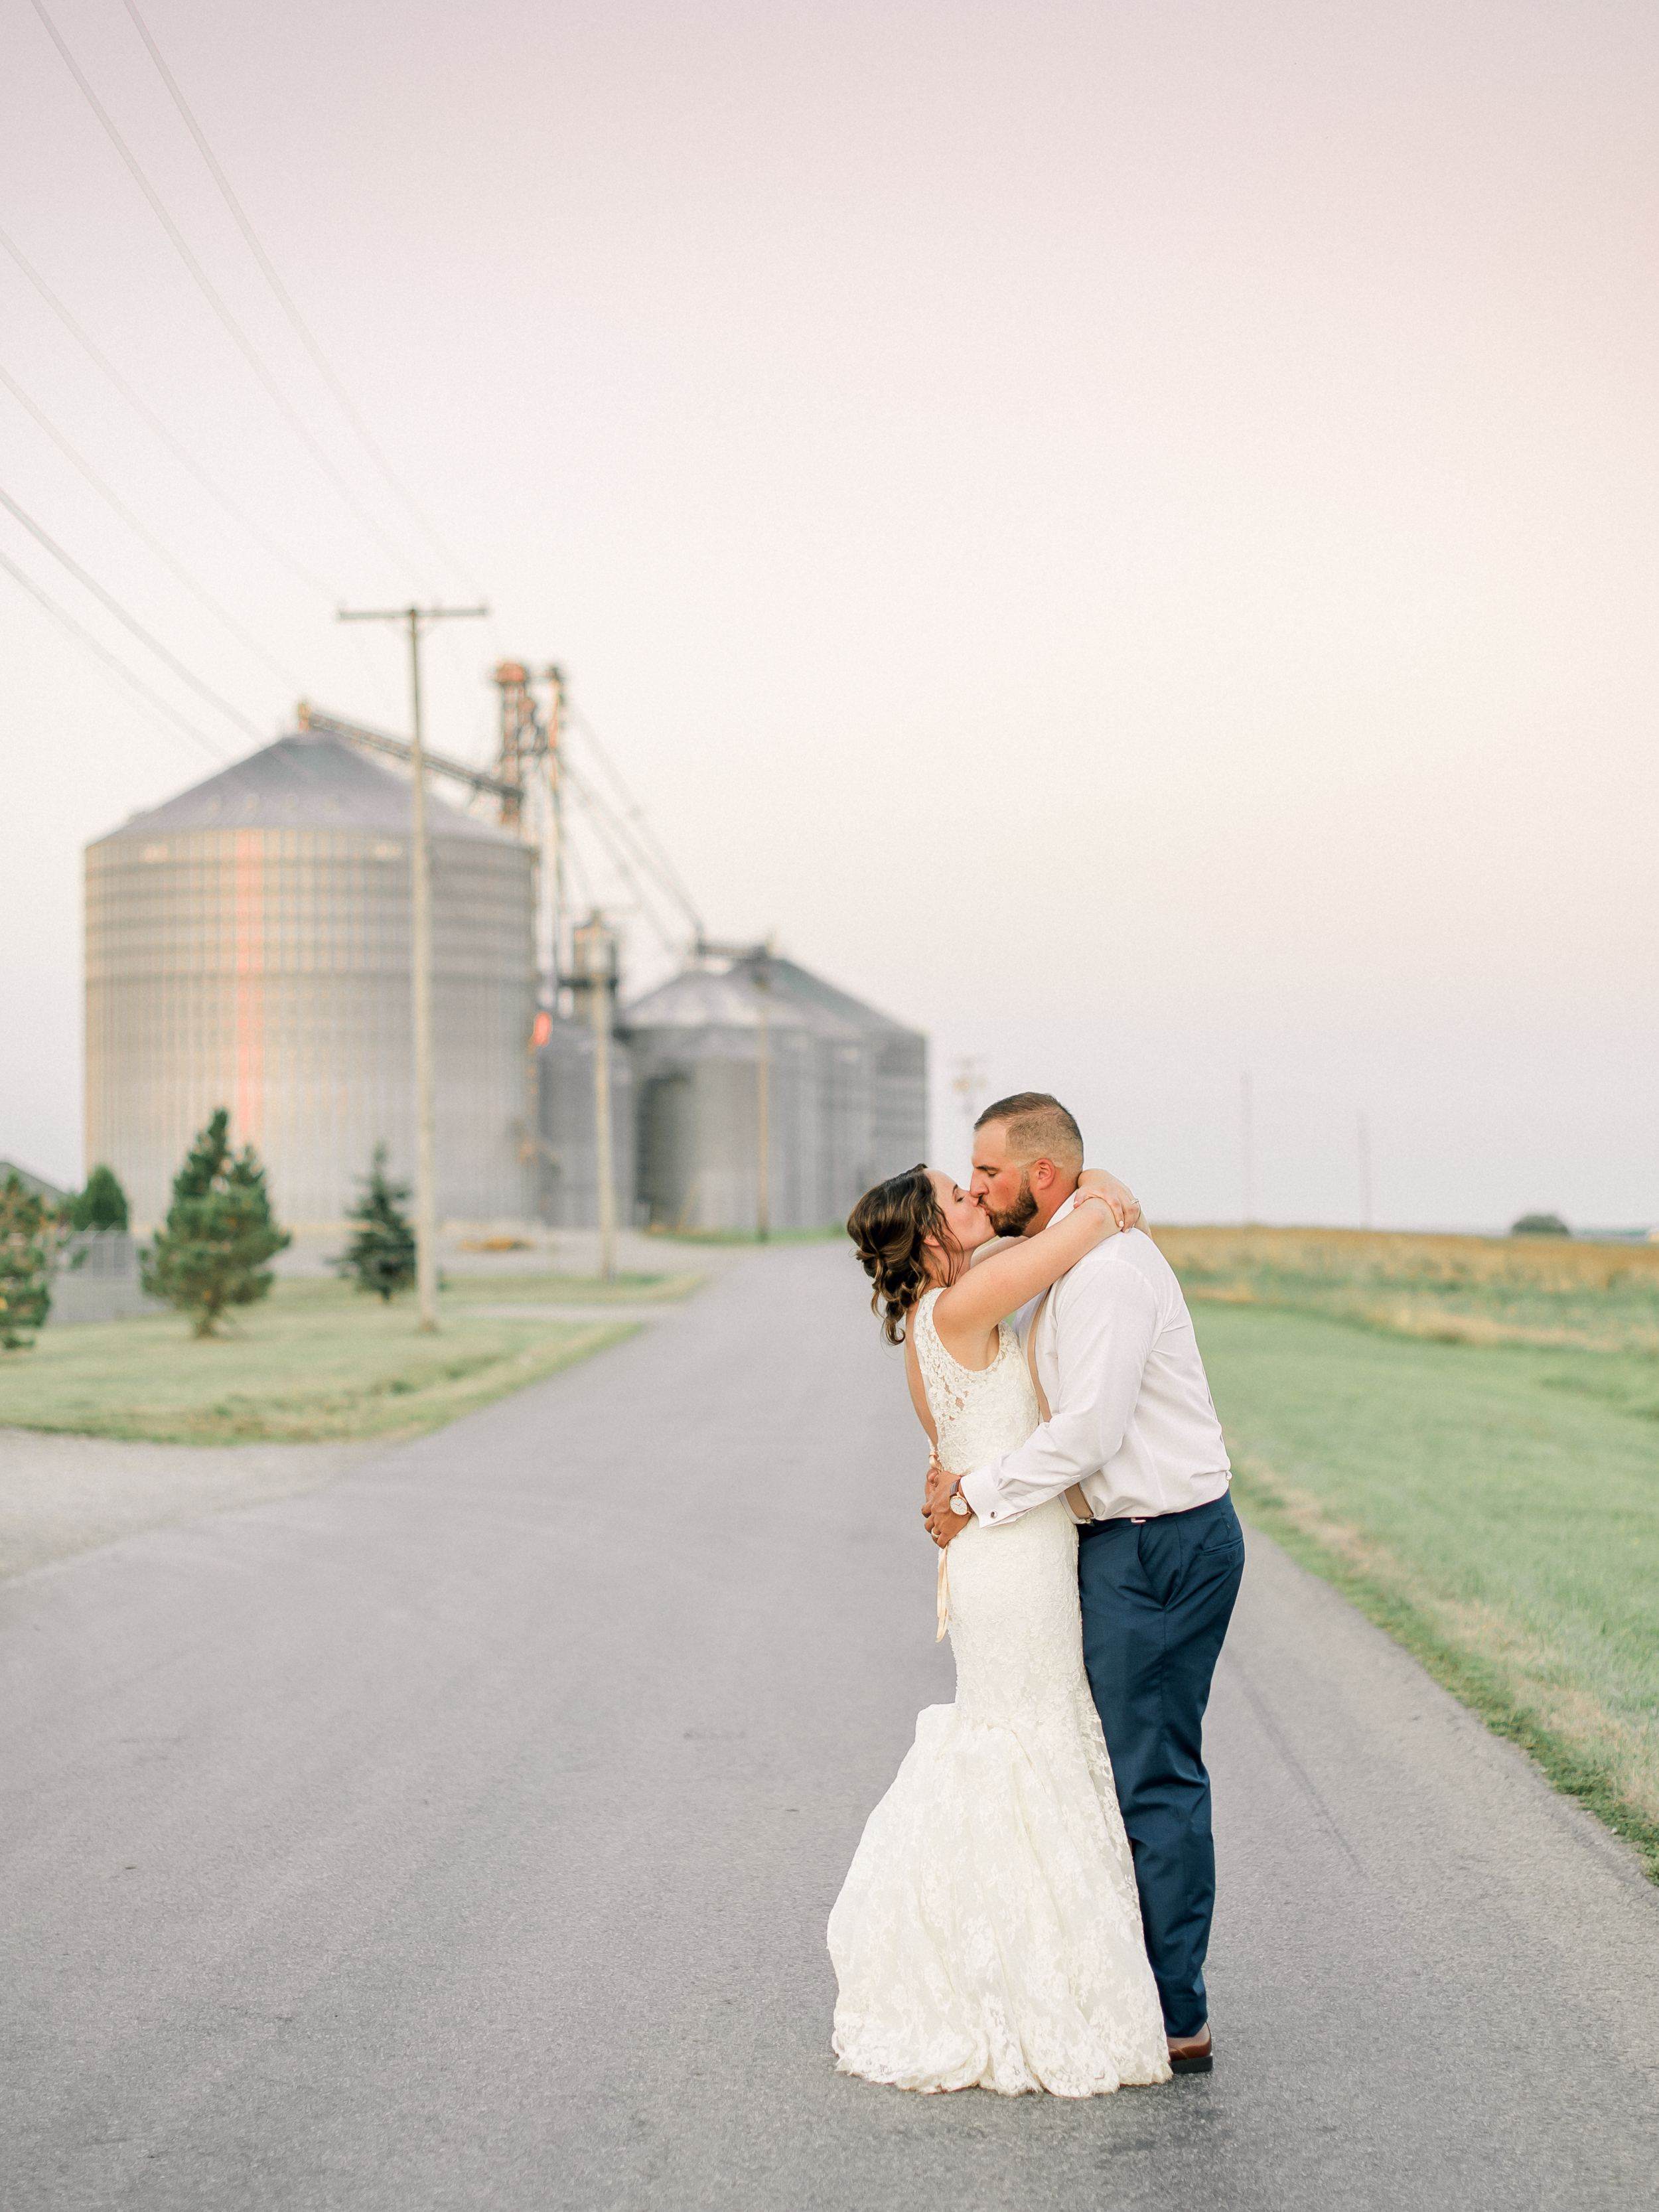 rustic-acres-farm-wedding-32.jpg